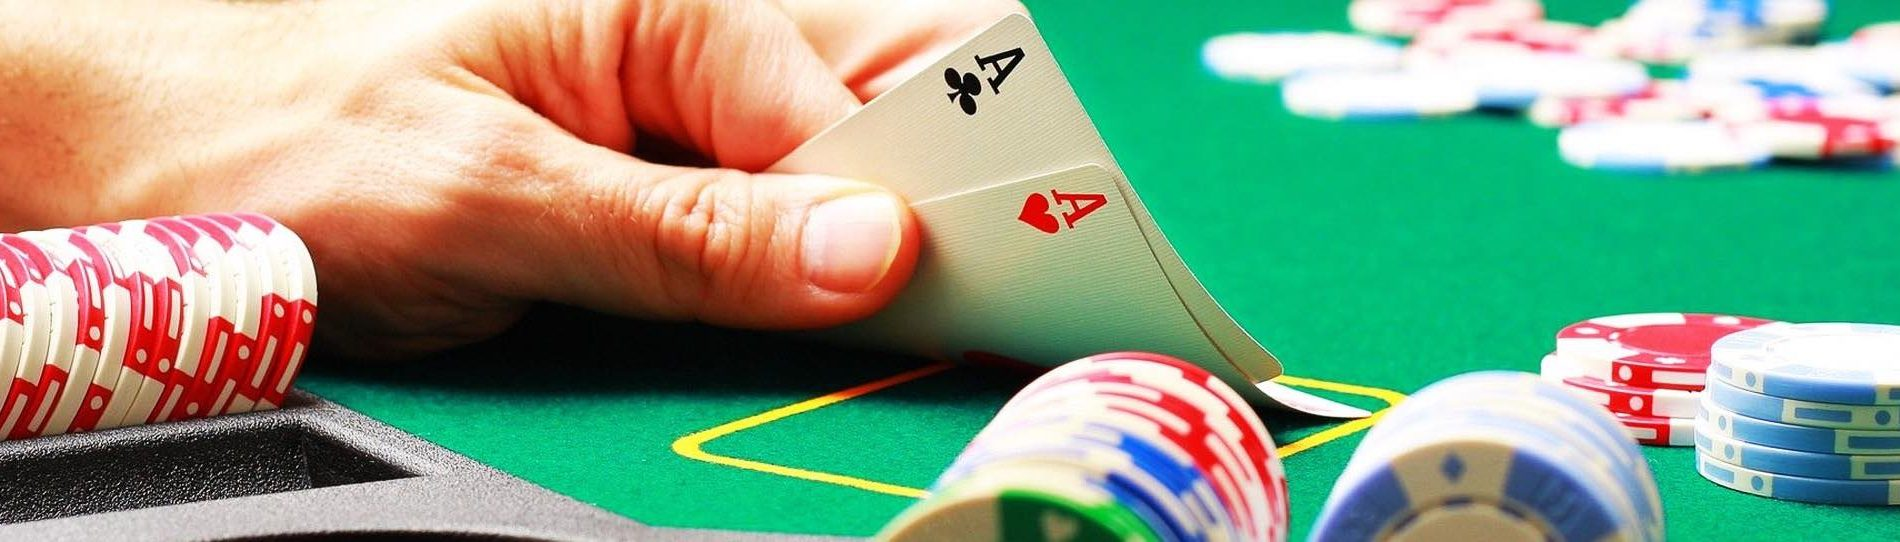 Poker Tournaments Perth